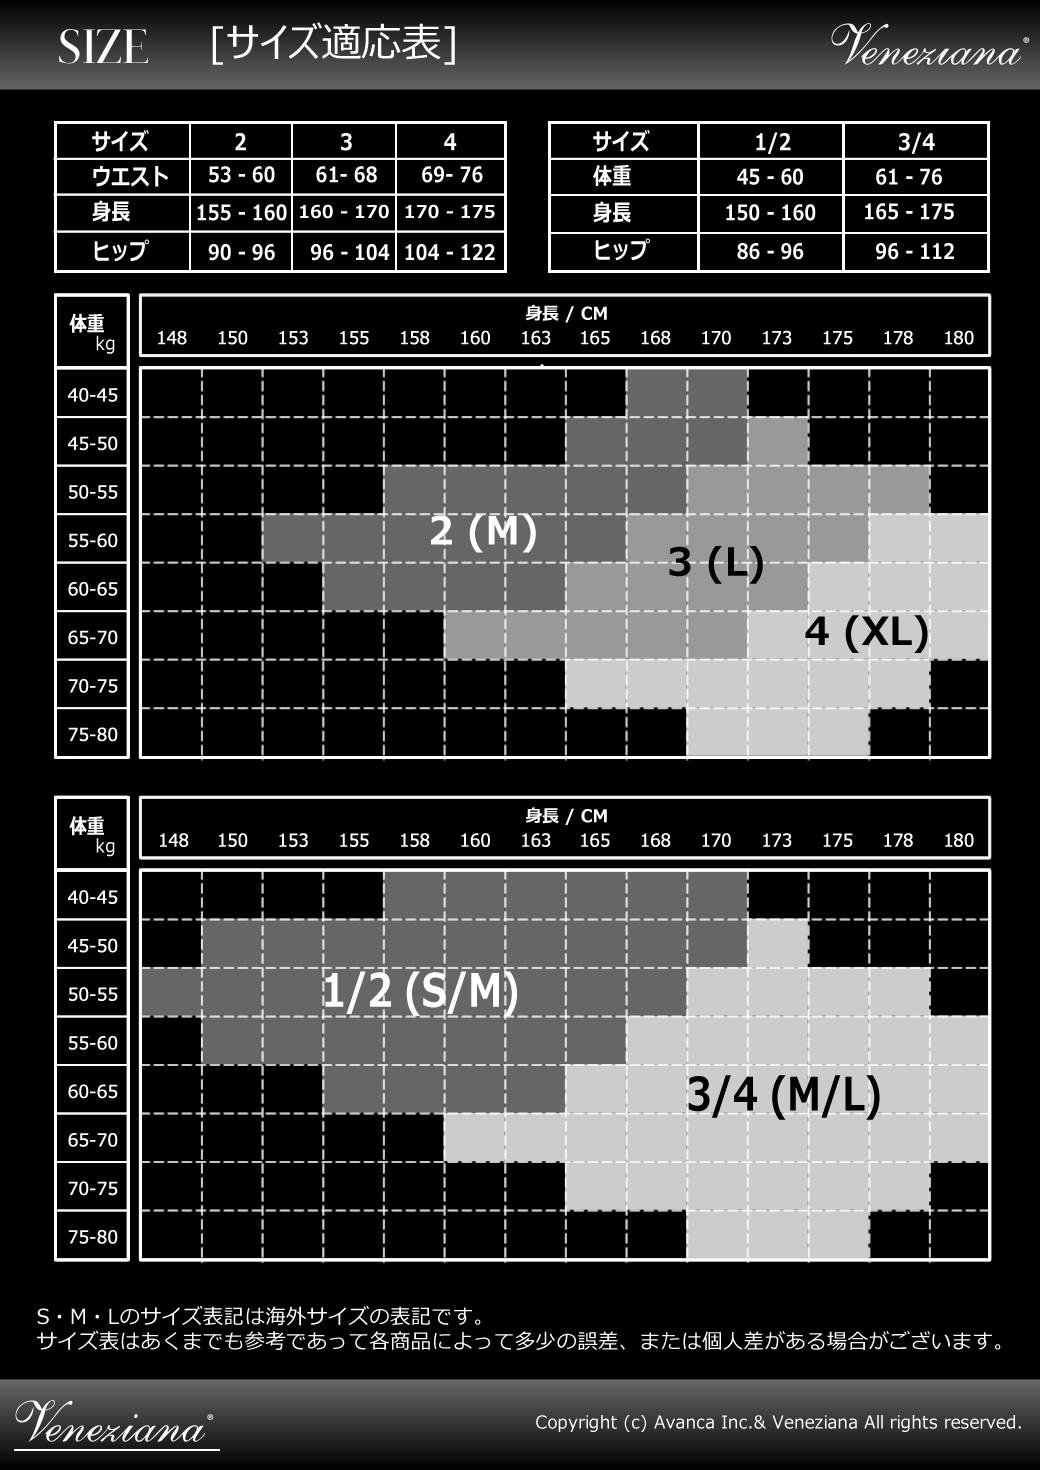 ストッキング・タイツ、サイズ表